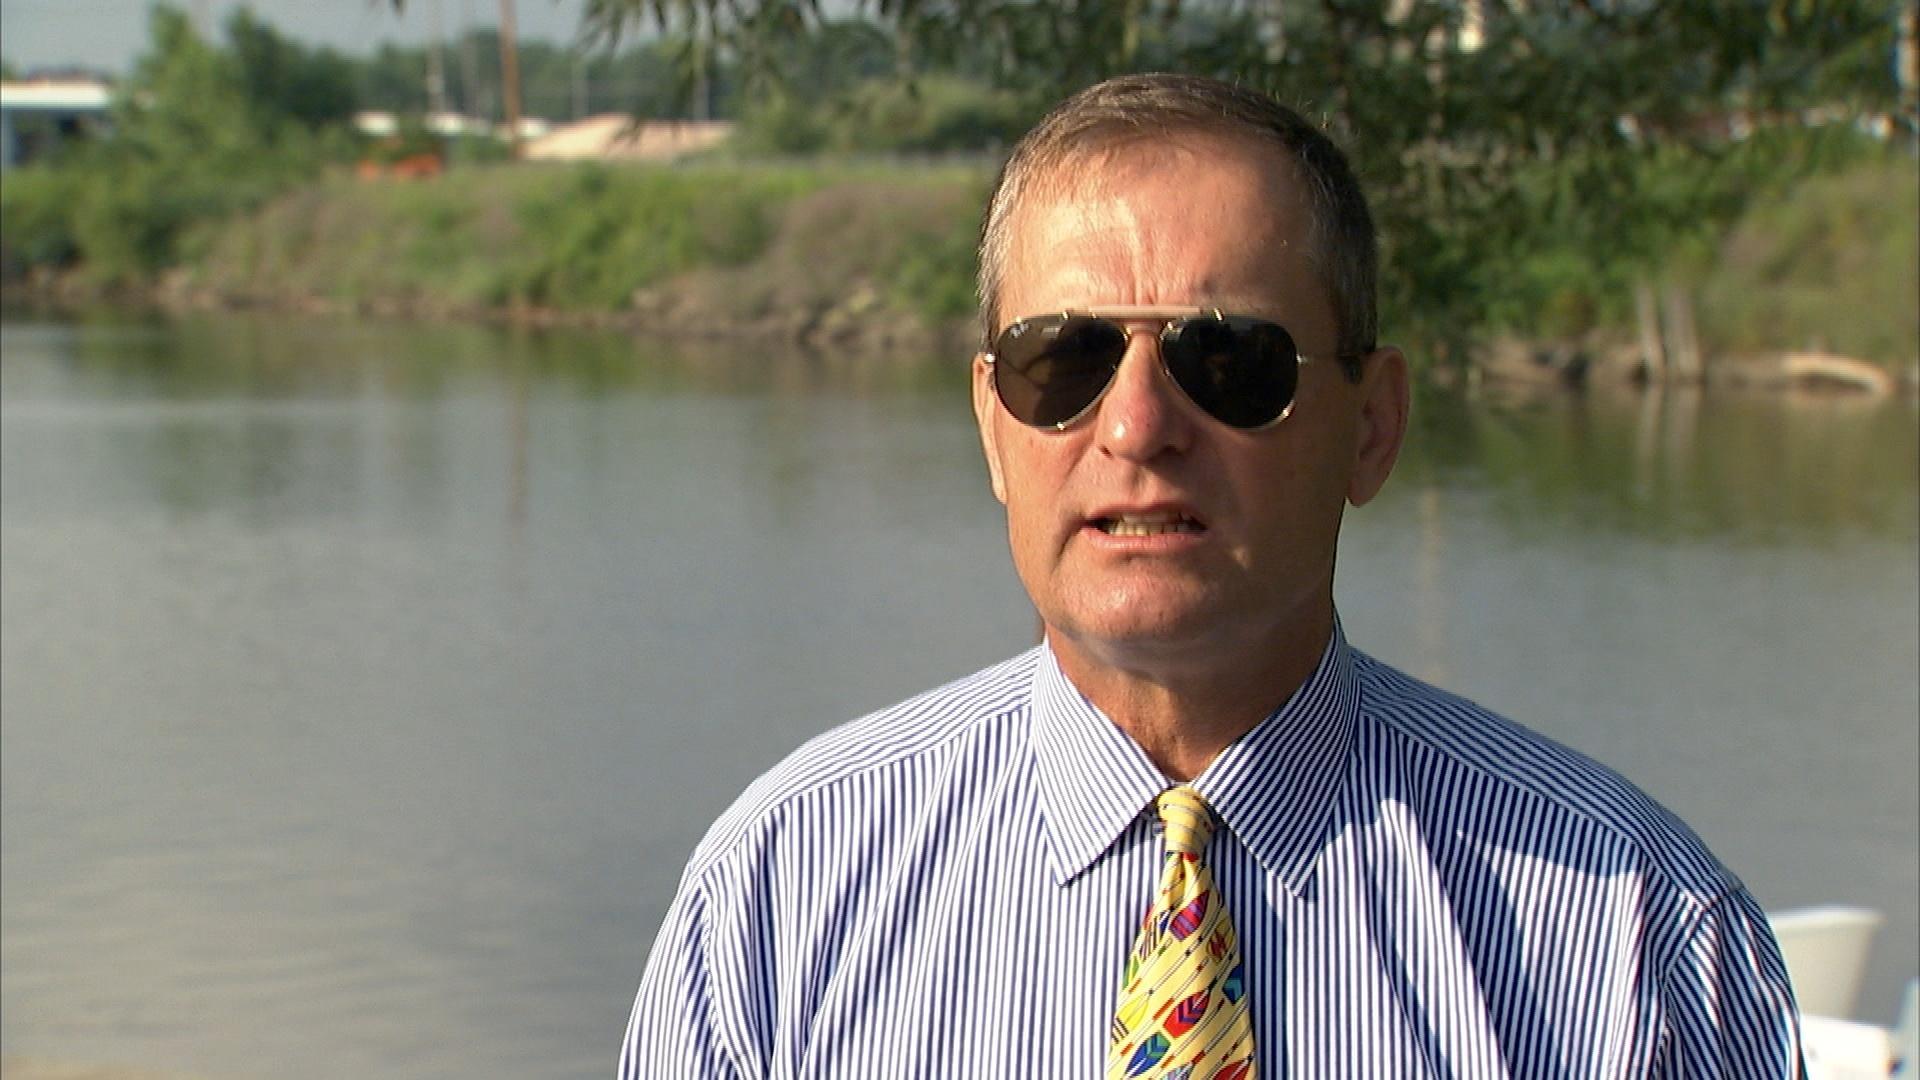 Mark Kostrzewski